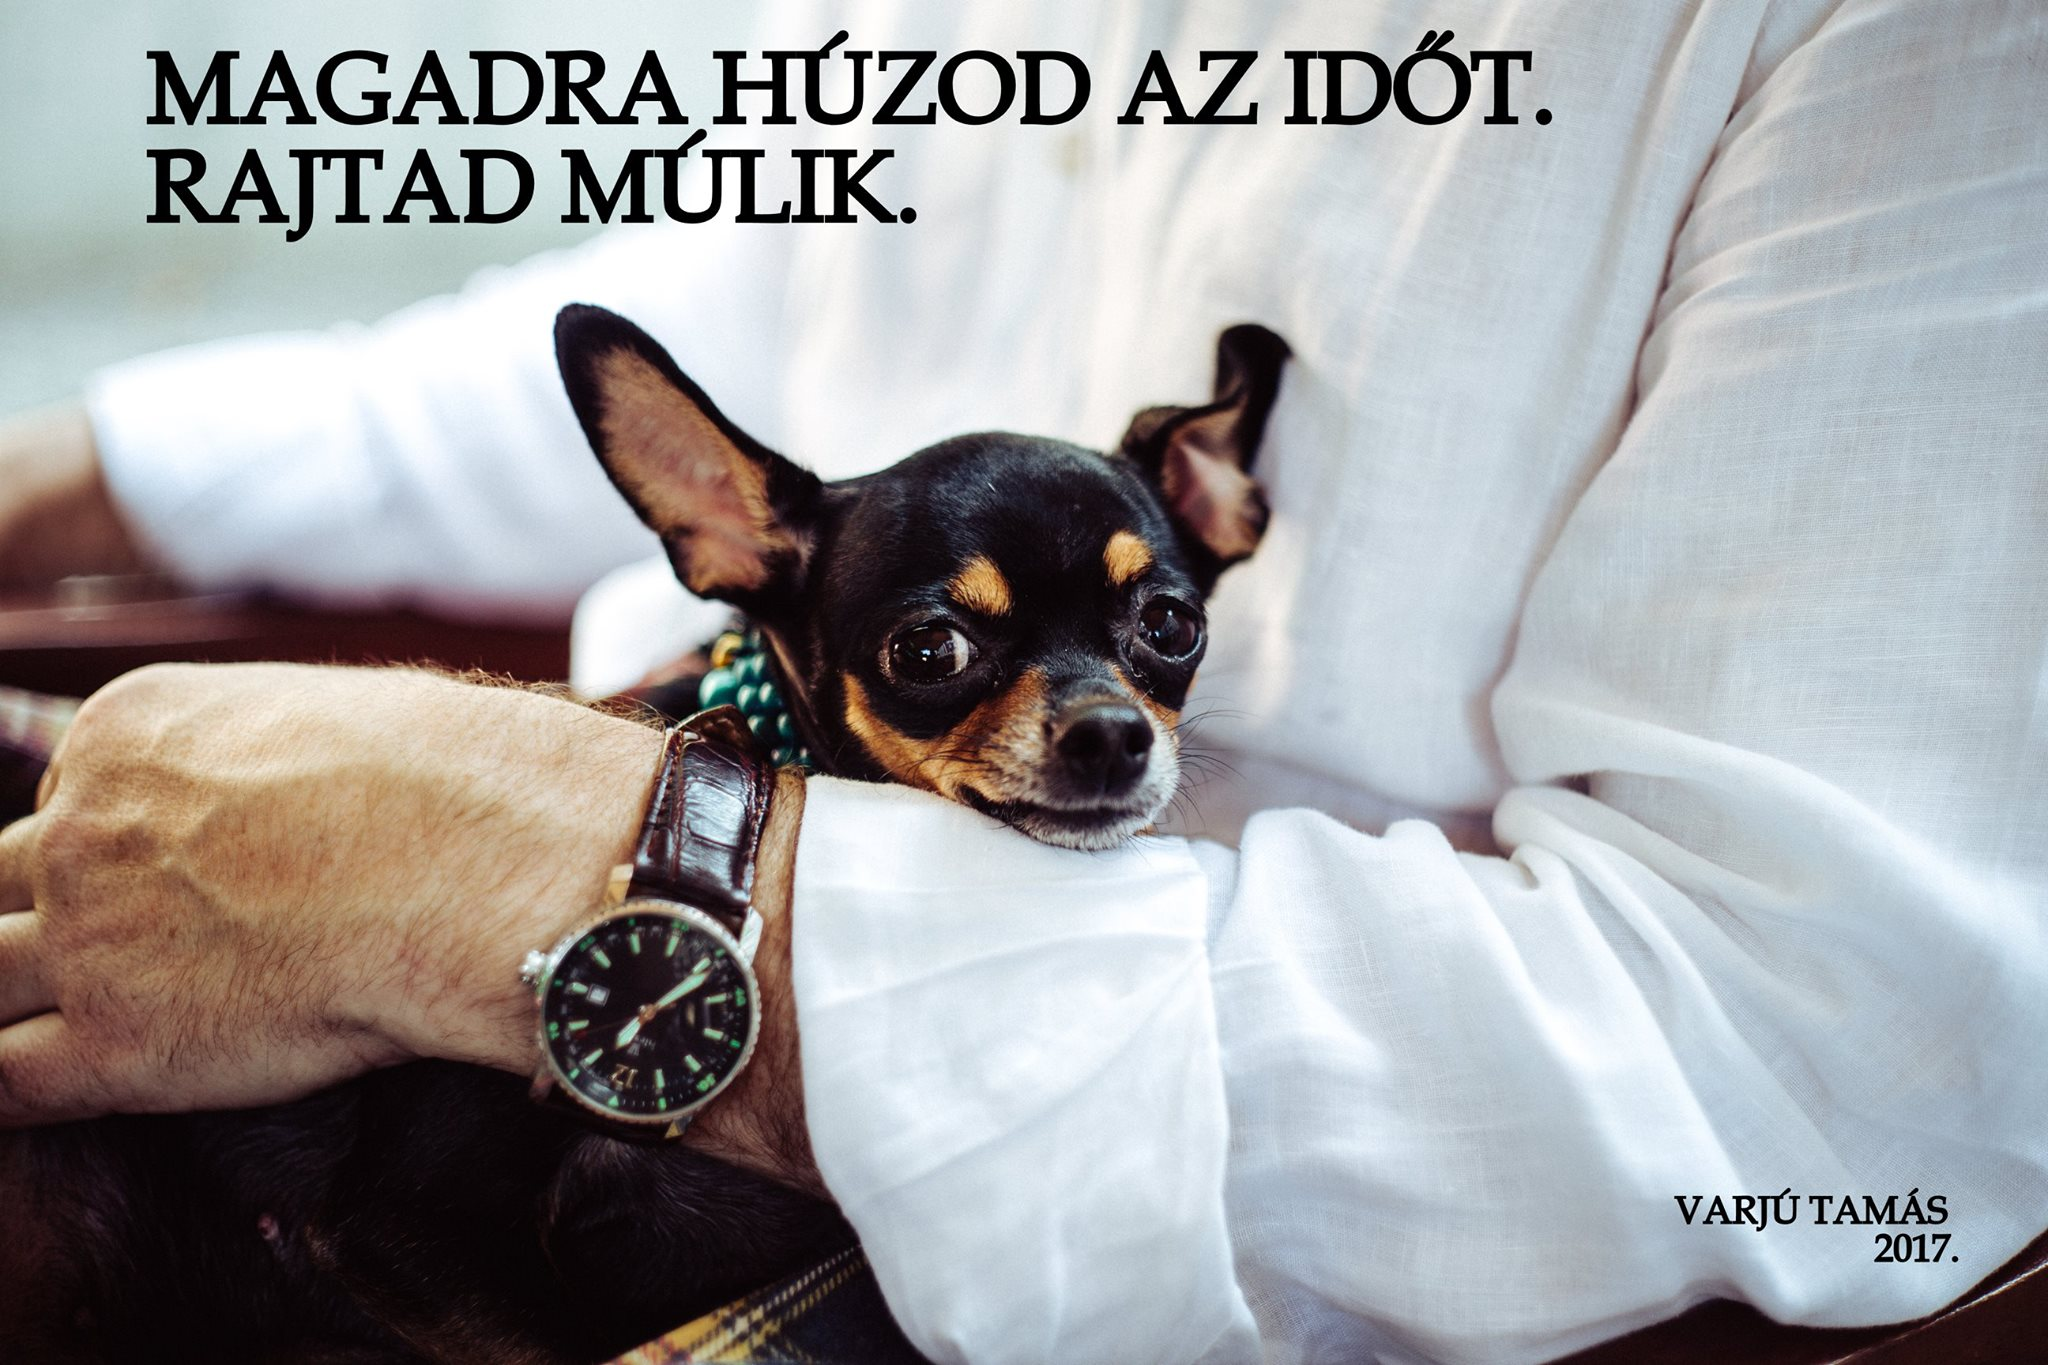 magadra_huzod_az_idot_rajtad_mulik.jpg